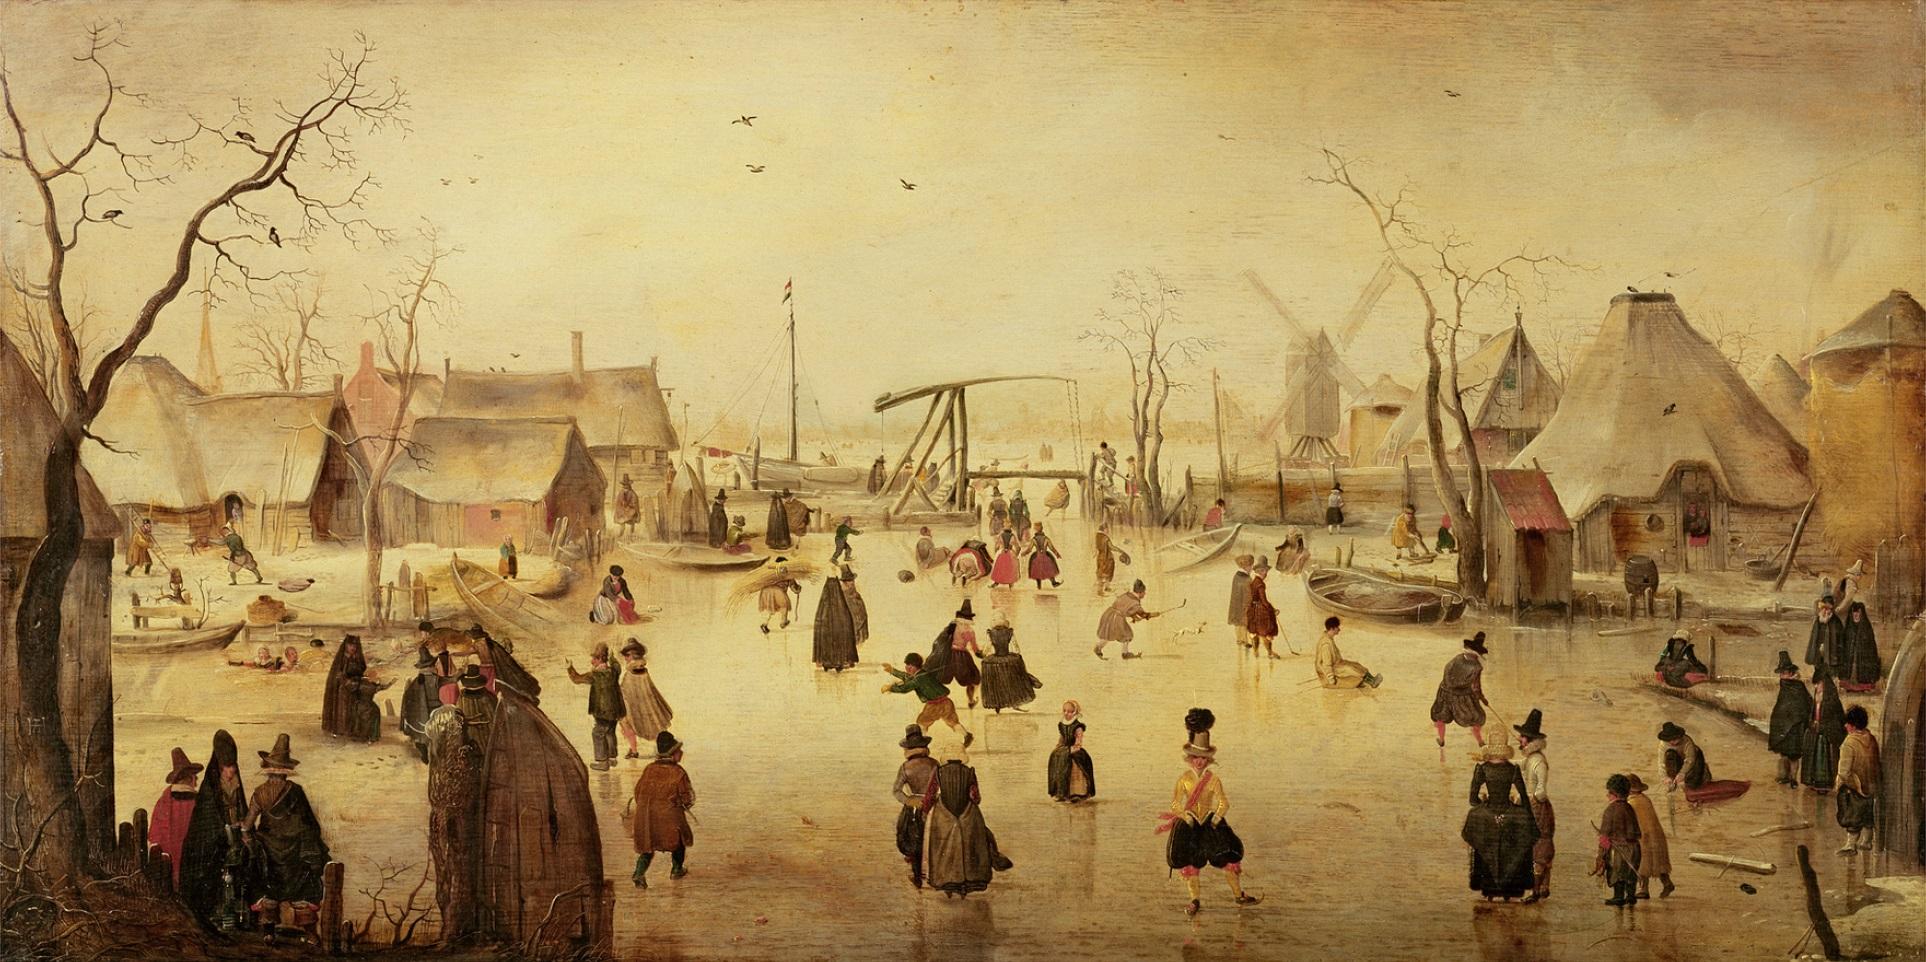 Les hivers rudes pendant le «Petit âge glaciaire» ont fourni des modèles aux peintres néerlandais, entre autres, qui sont entrés dans la mémoire européenne collective. Ici, la toile « Paysage d'hiver » de Hendrick Avercamp (1585-1634) créée au 17ème siècle. Source: The Bridgeman Art Library, Object 39769, Wikimedia